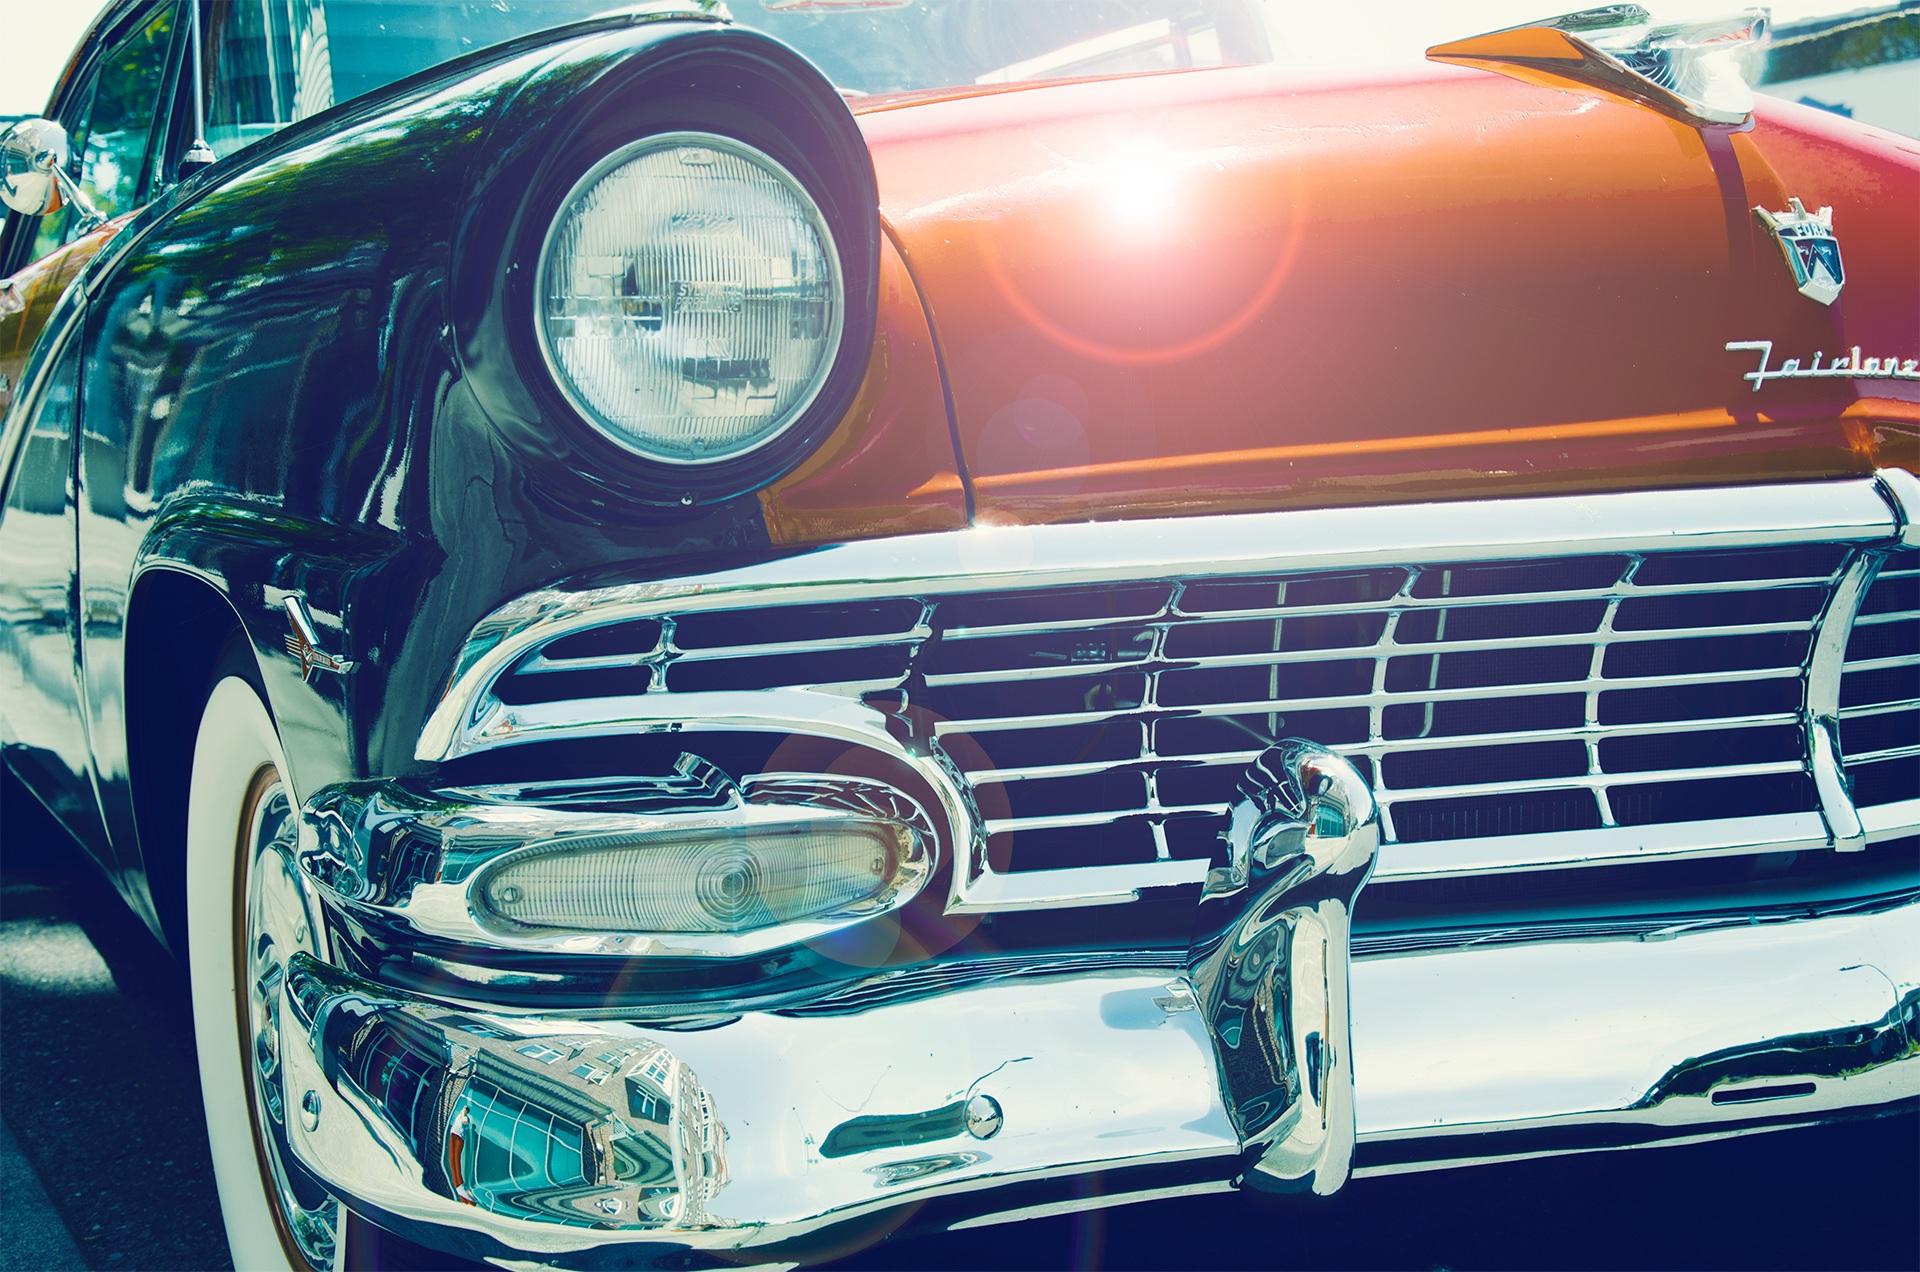 coche, antiguo, clásico, vintage, ford - Fondos de Pantalla HD - professor-falken.com